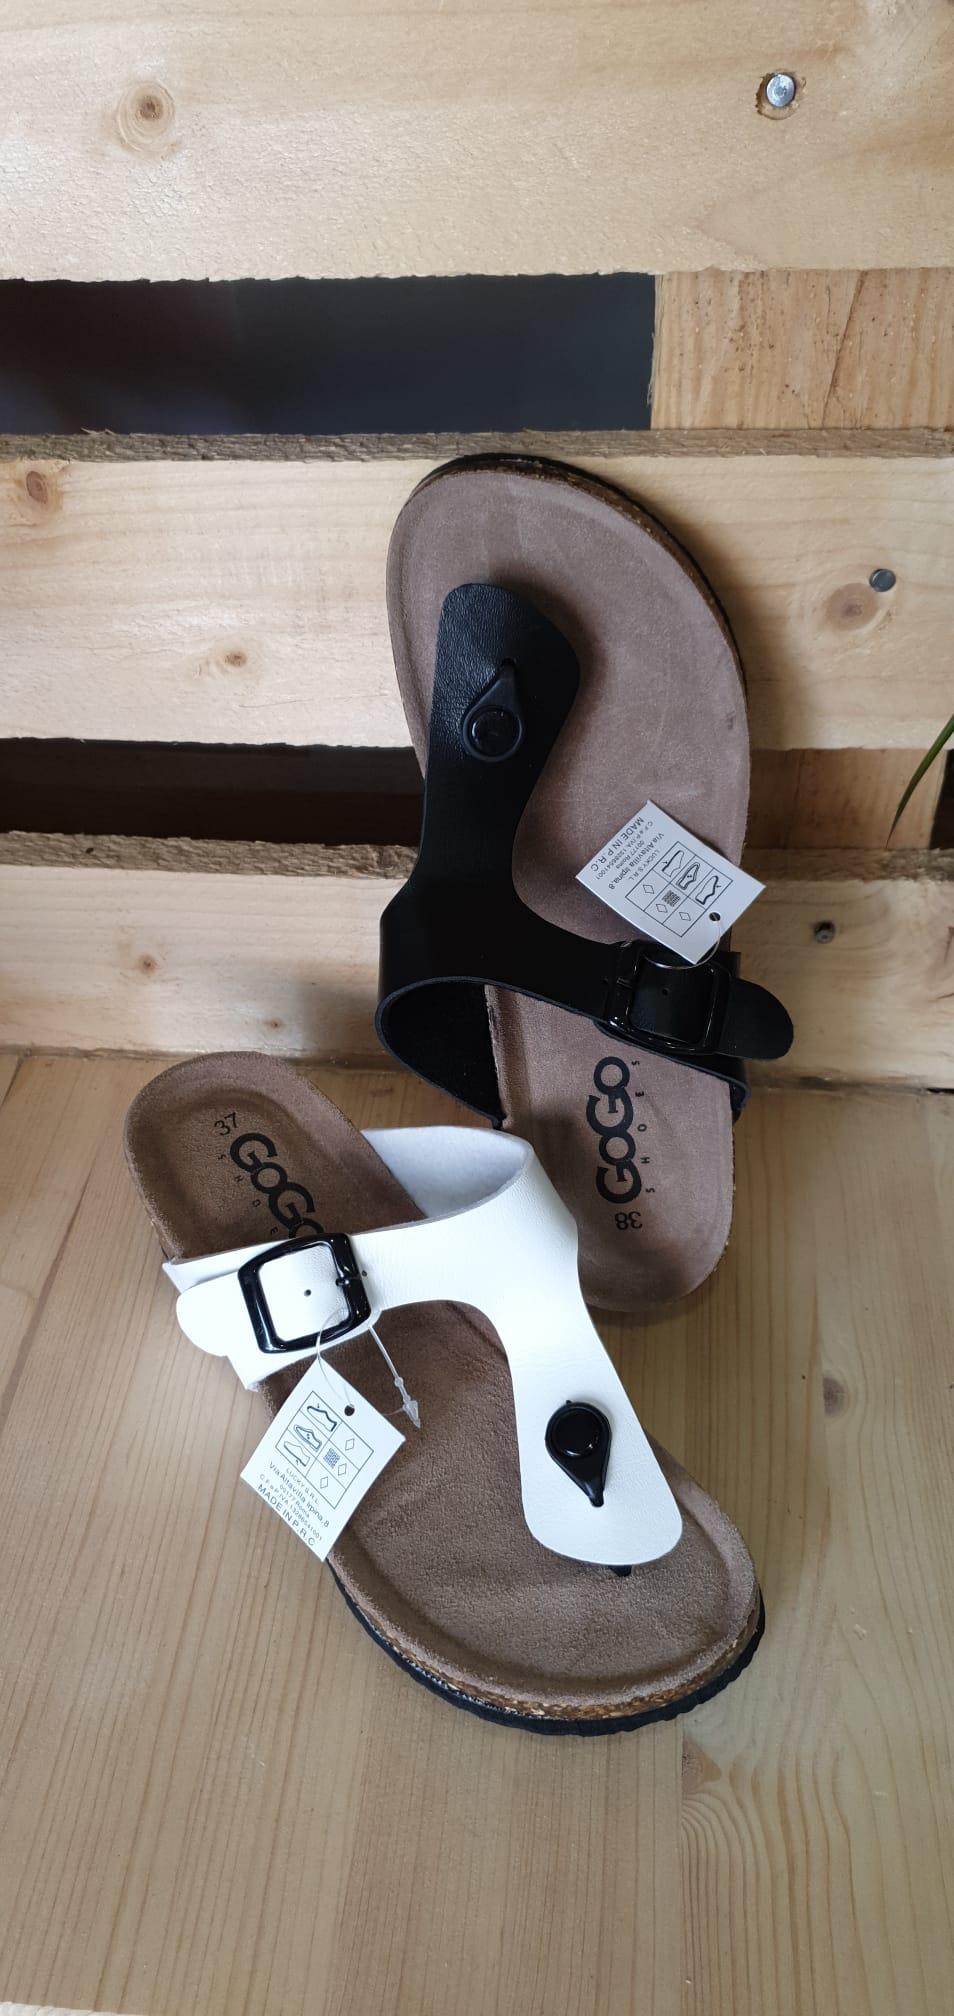 Zapato verano tira separadora dedo pulgar 1